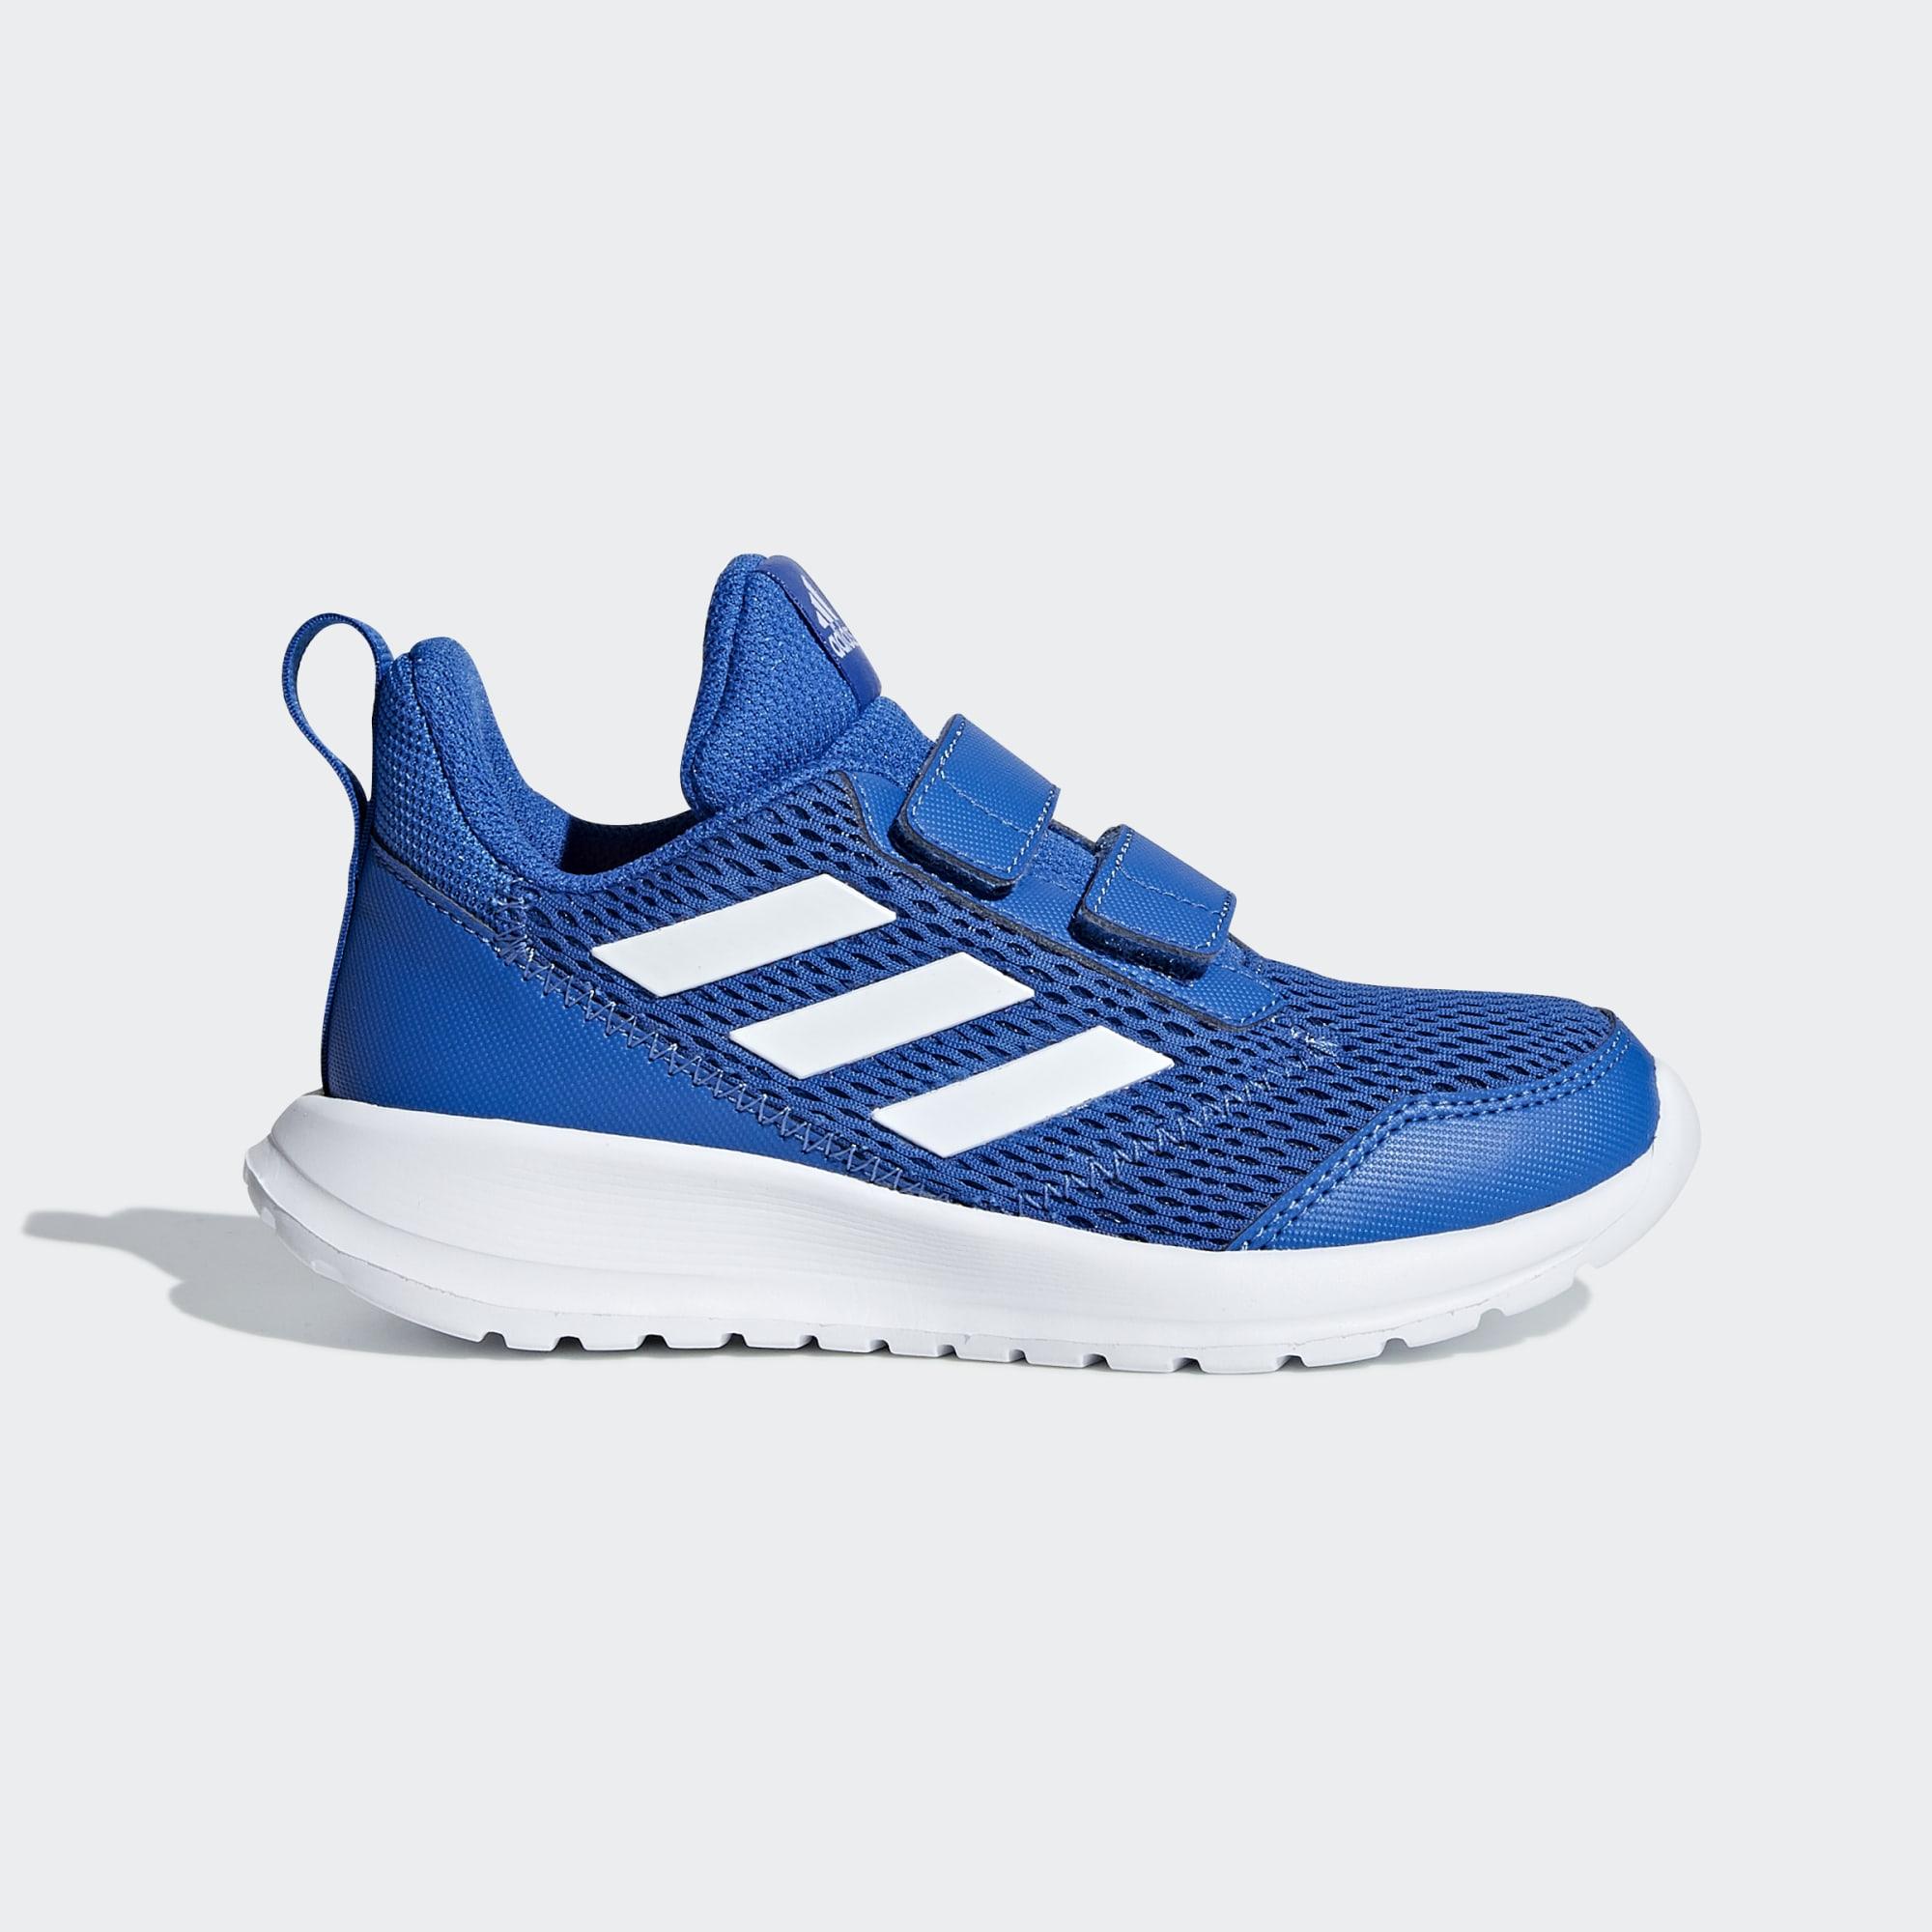 Verschillende Adidas kinderschoenen voor €15,73 per paar @ Adidas